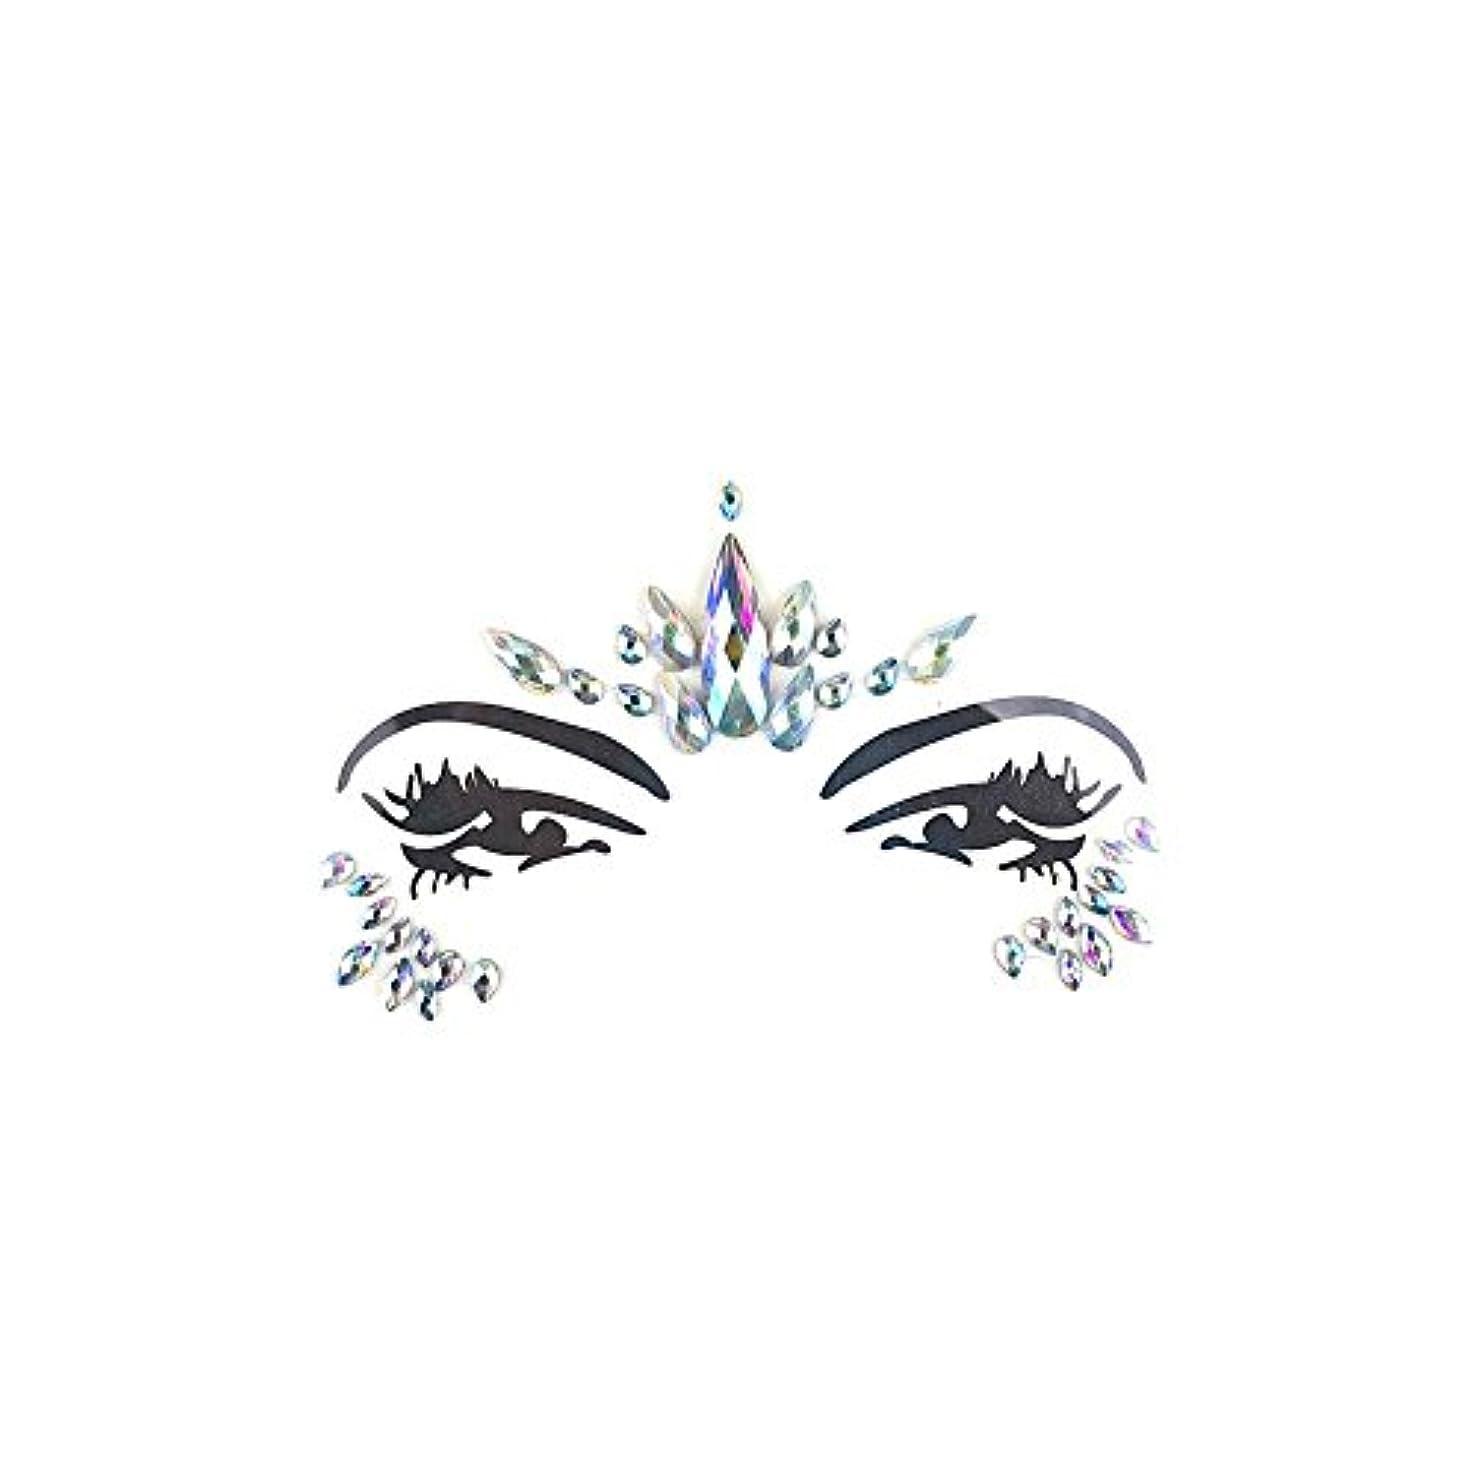 わずかなシールドディーラーSILUN フェイスダイヤモンドステッカー一時的 宝石 キラキラ 環境 優しい樹脂クリスタルラインストーンフェイスステッカー音楽祭 ホリデーパーティーダンス眉フェイス接着剤